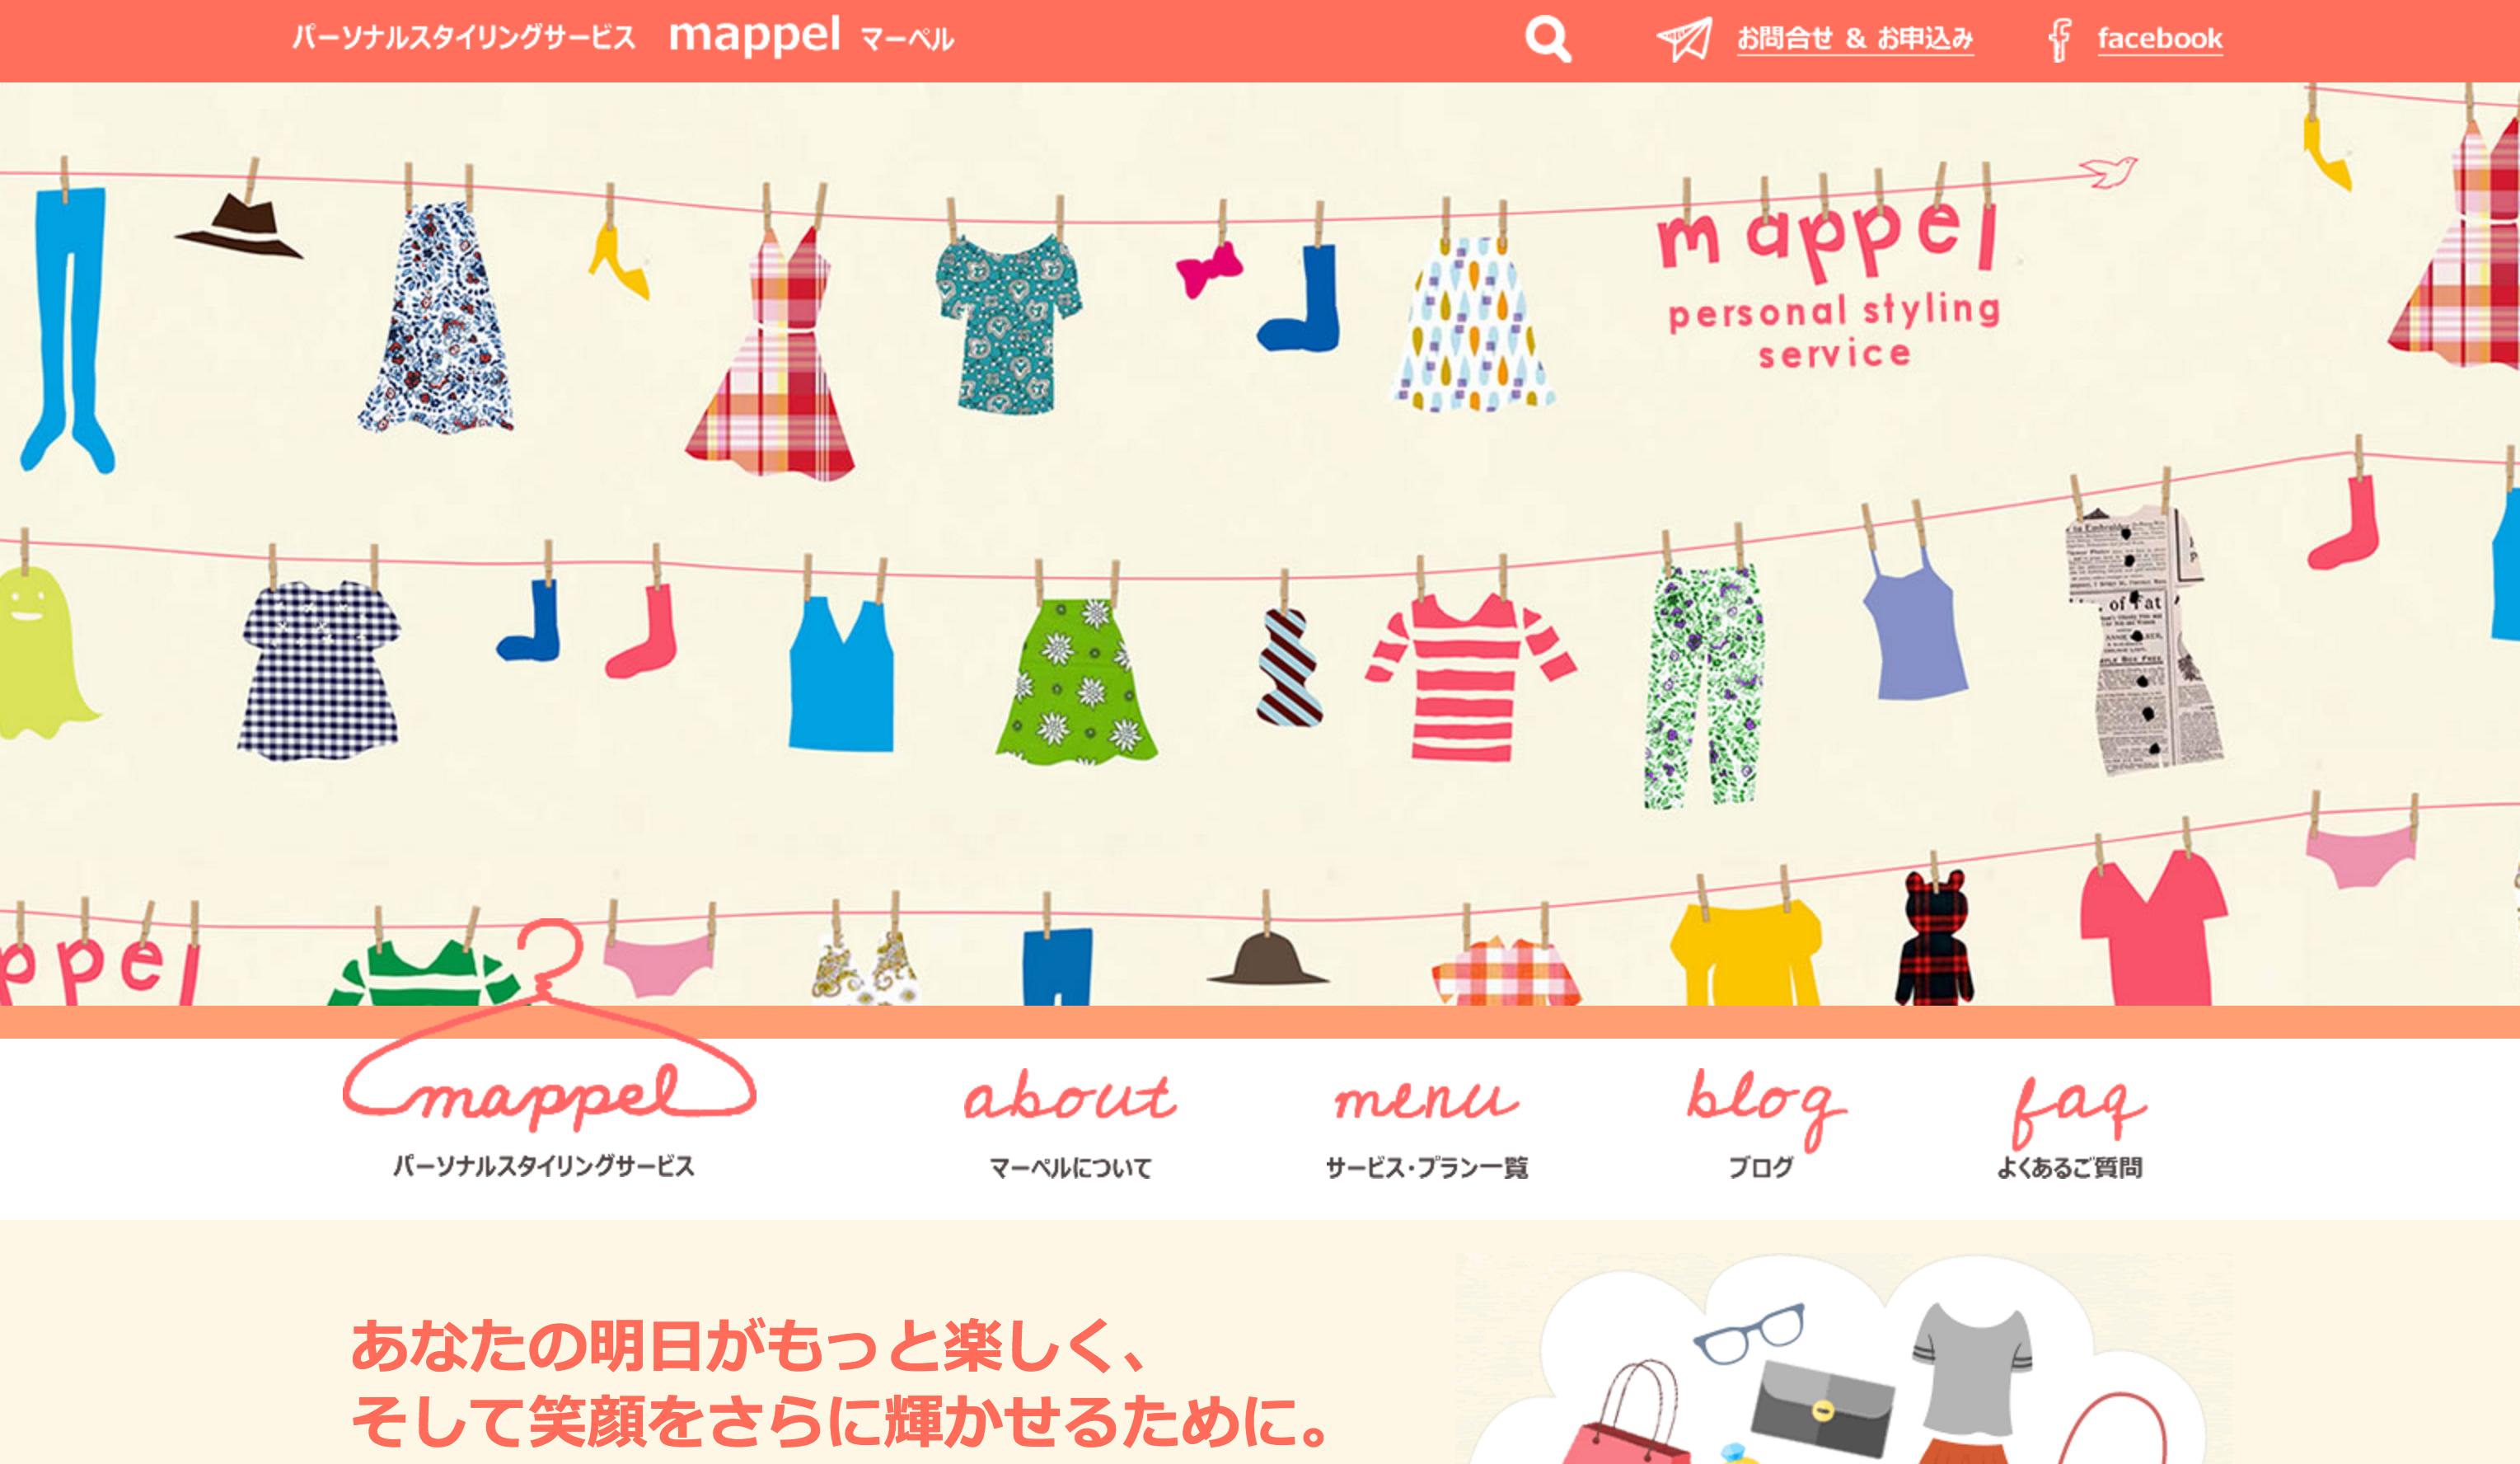 mappel(マーペル)